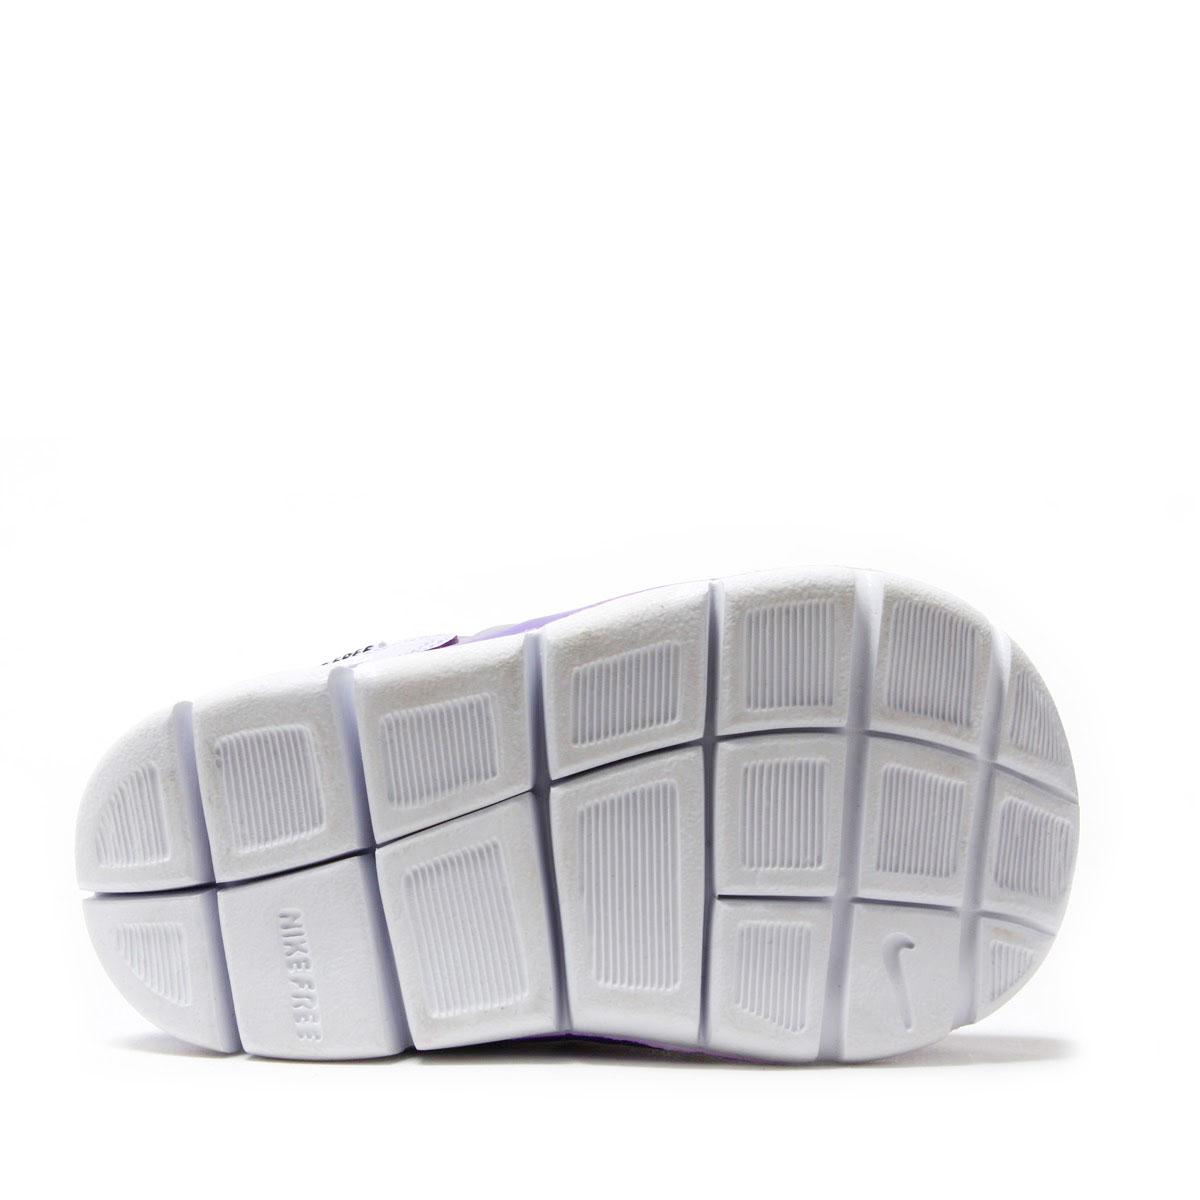 ... outlet boutique 541d8 a0099 NIKE DYNAMO FREE (TD) (Nike dynamo-free TD  ... 125e434880